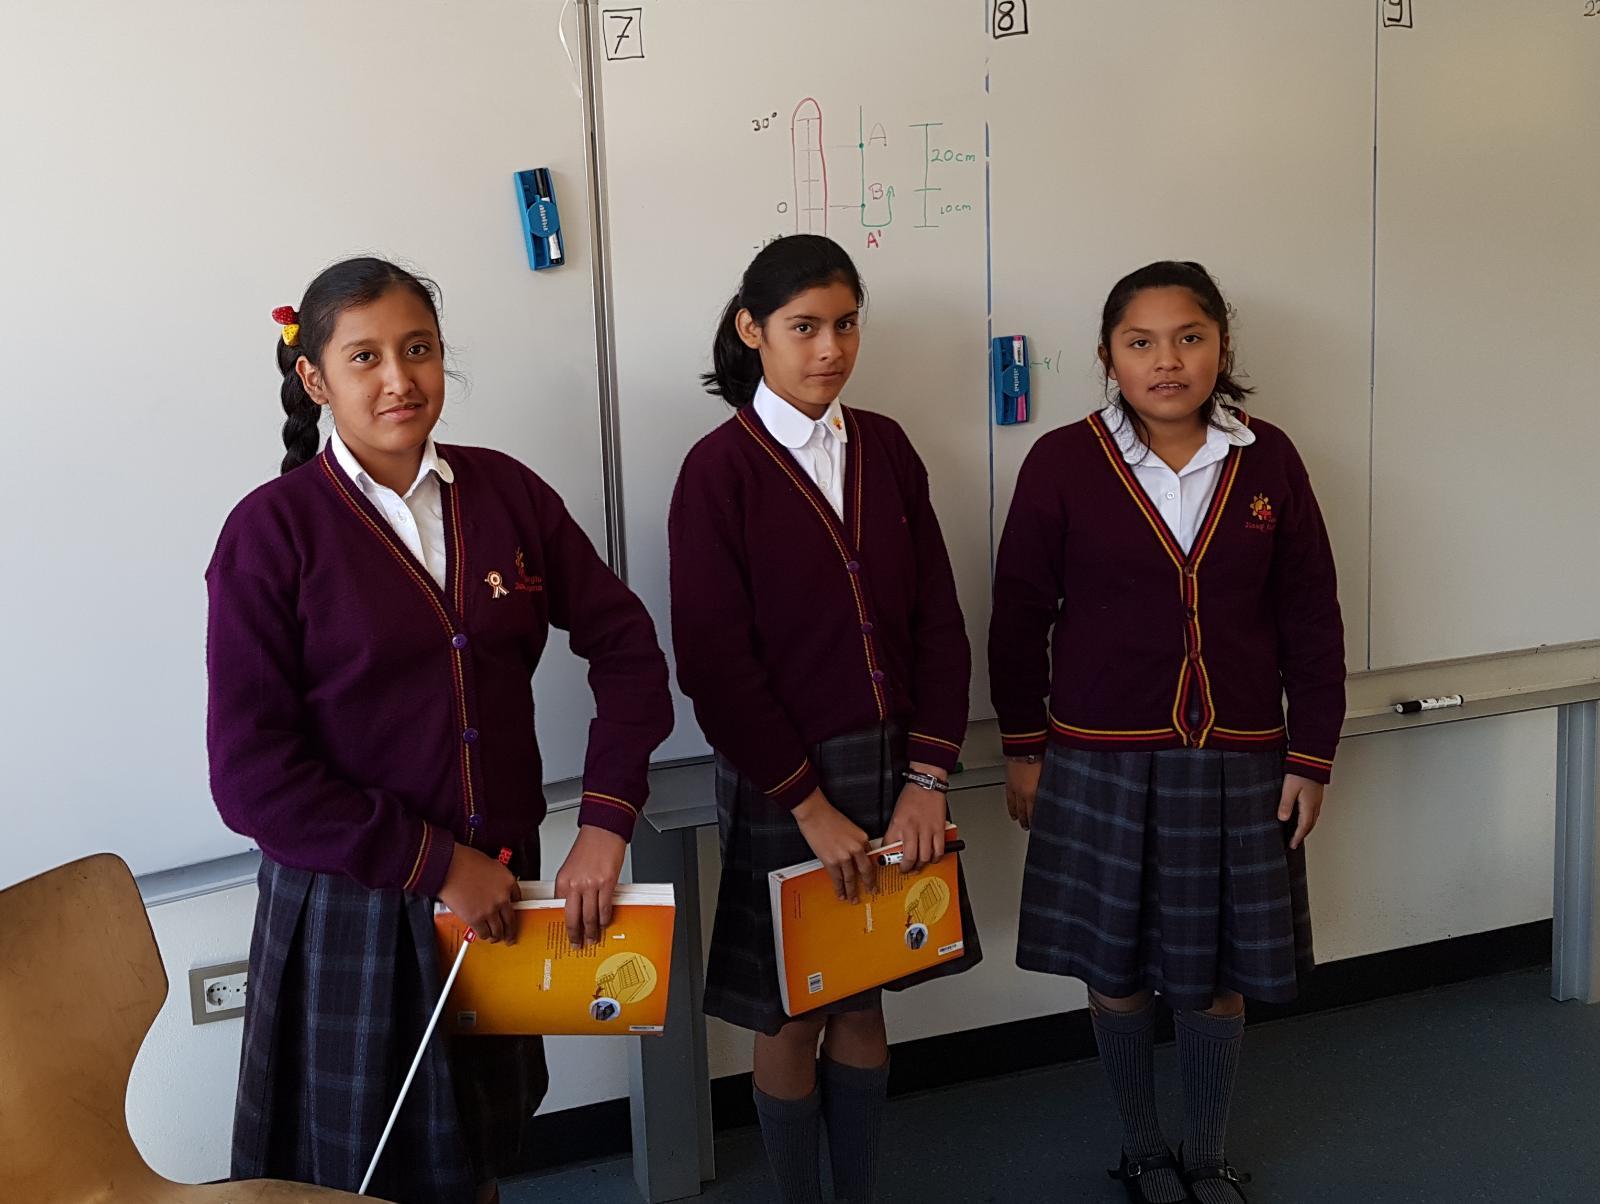 Nachdem sie eine Skizze der Aufgabe an die Tafel gemalt haben, sind die Schülerinnen nun bereit zur Aufnahme.